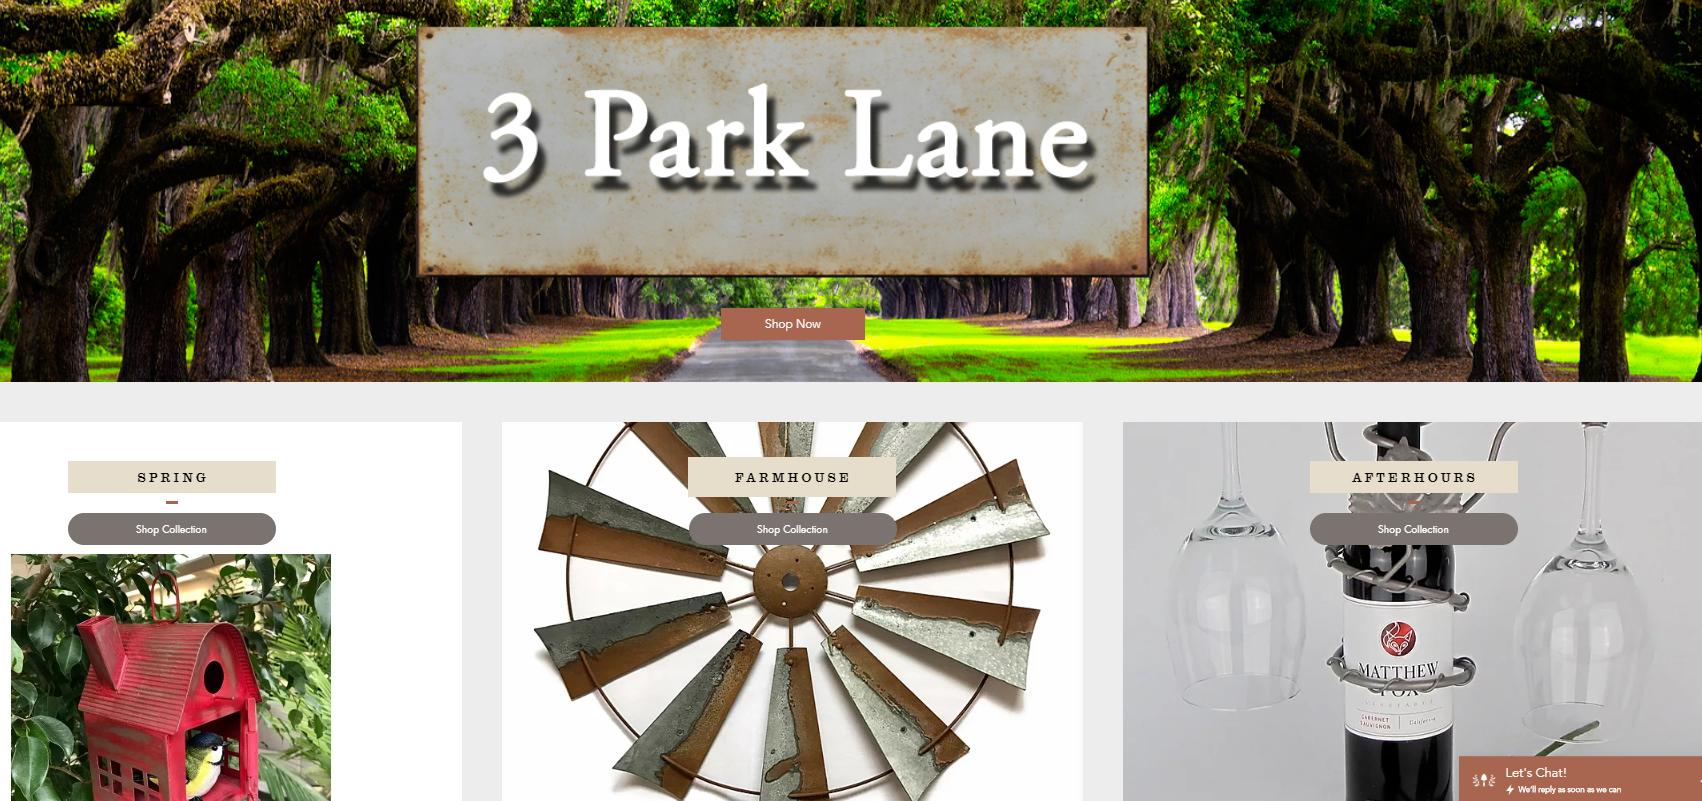 3ParkLane.com